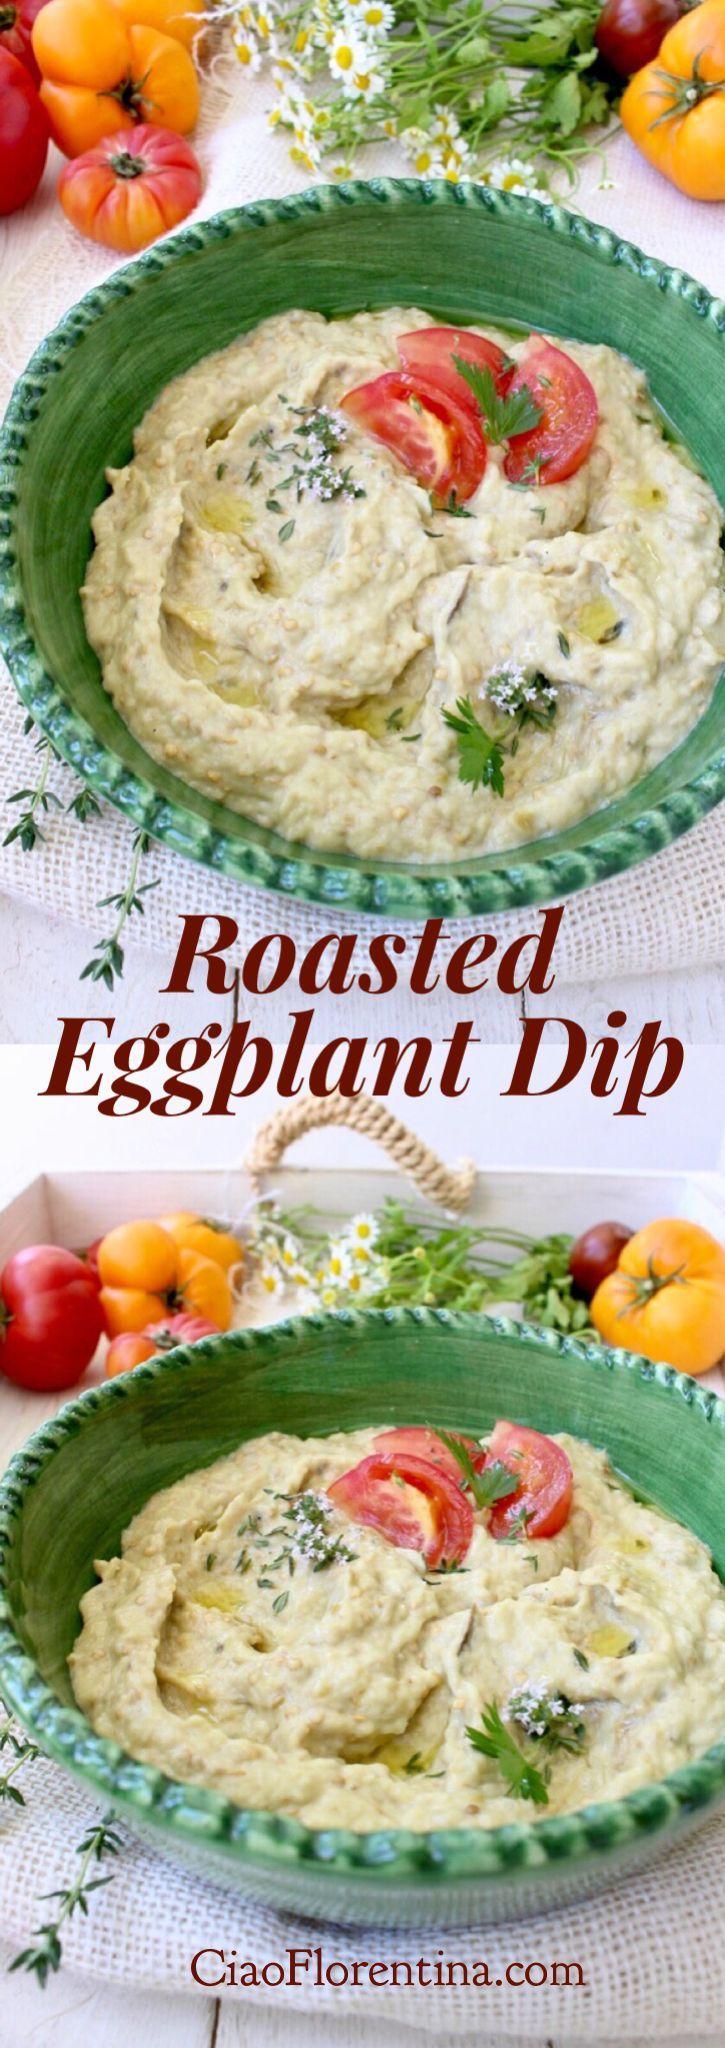 Roasted Eggplant Dip Recipe  , ( European style without tahini ) | CiaoFlorentina.com @CiaoFlorentina